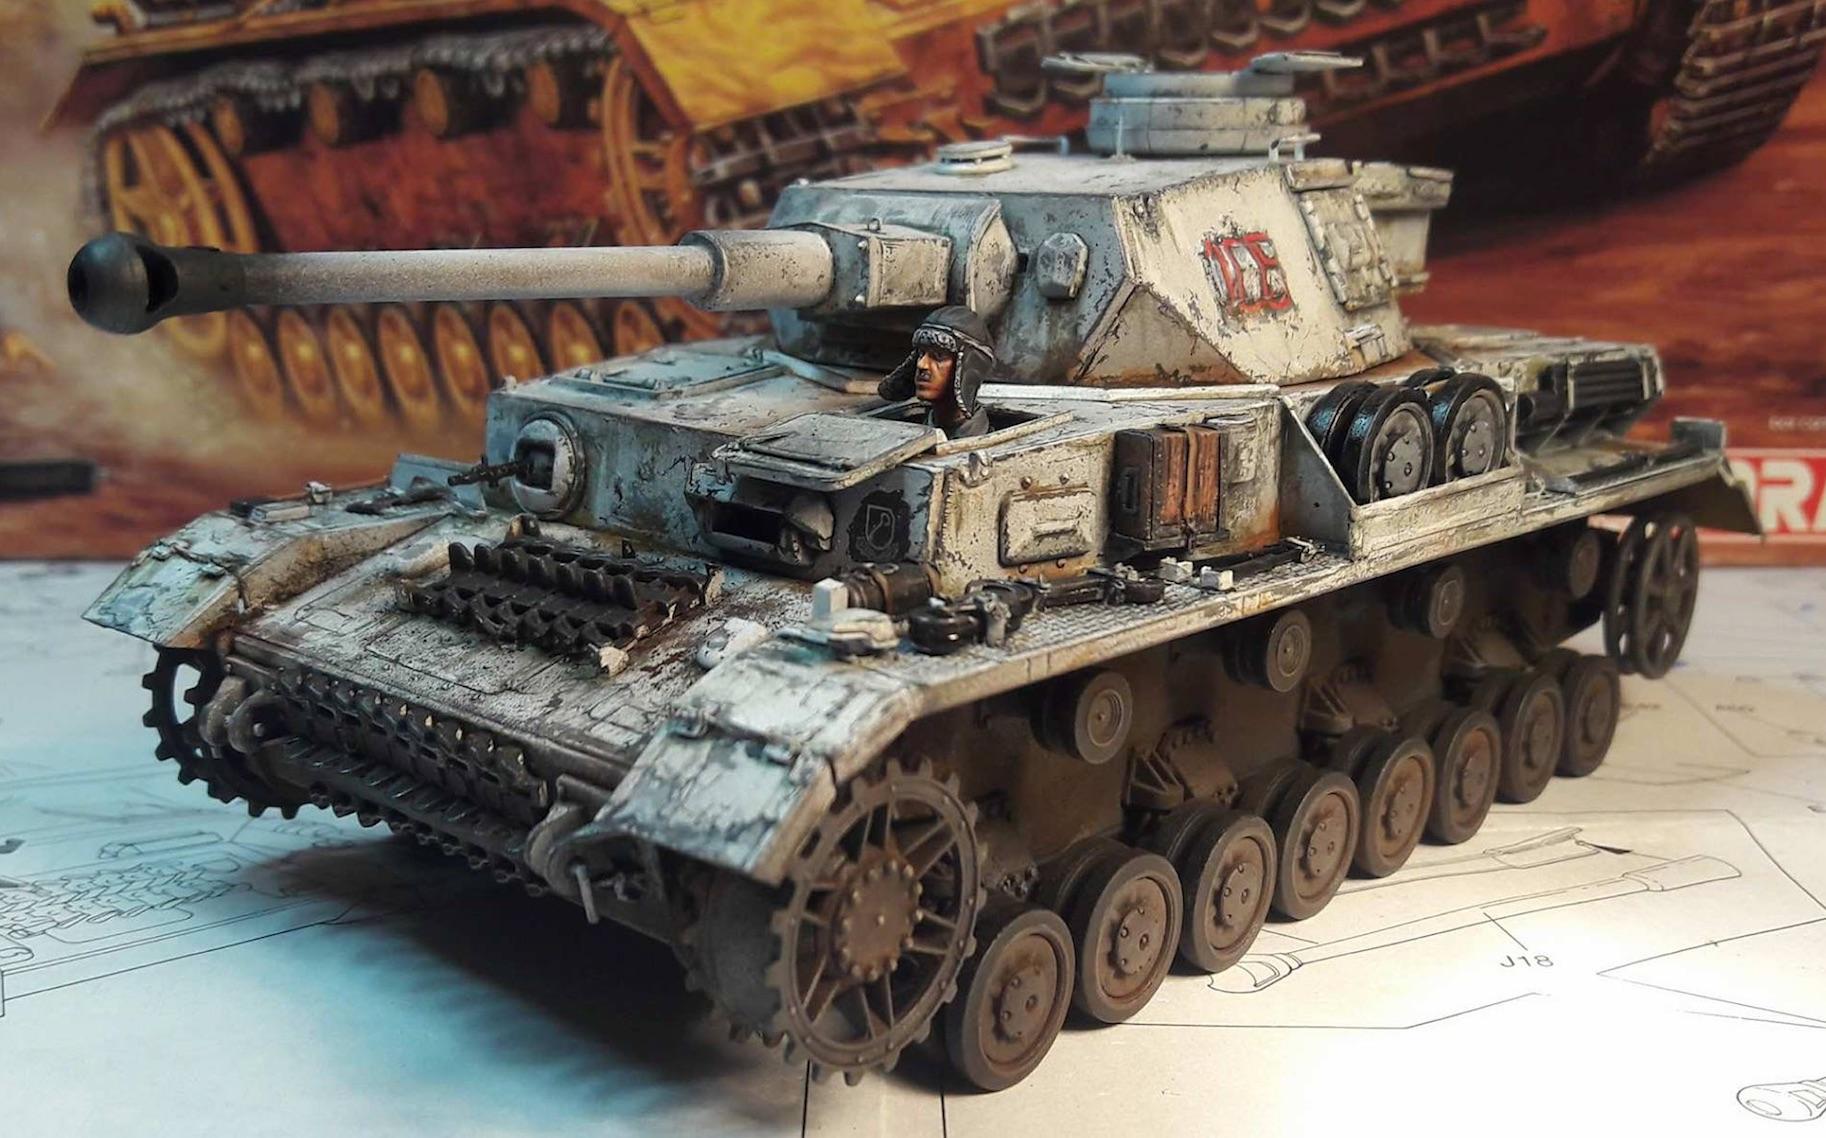 PzKpfw. IV Ausf. F2 - Dragon - Page 3 276604BeforeTracks1